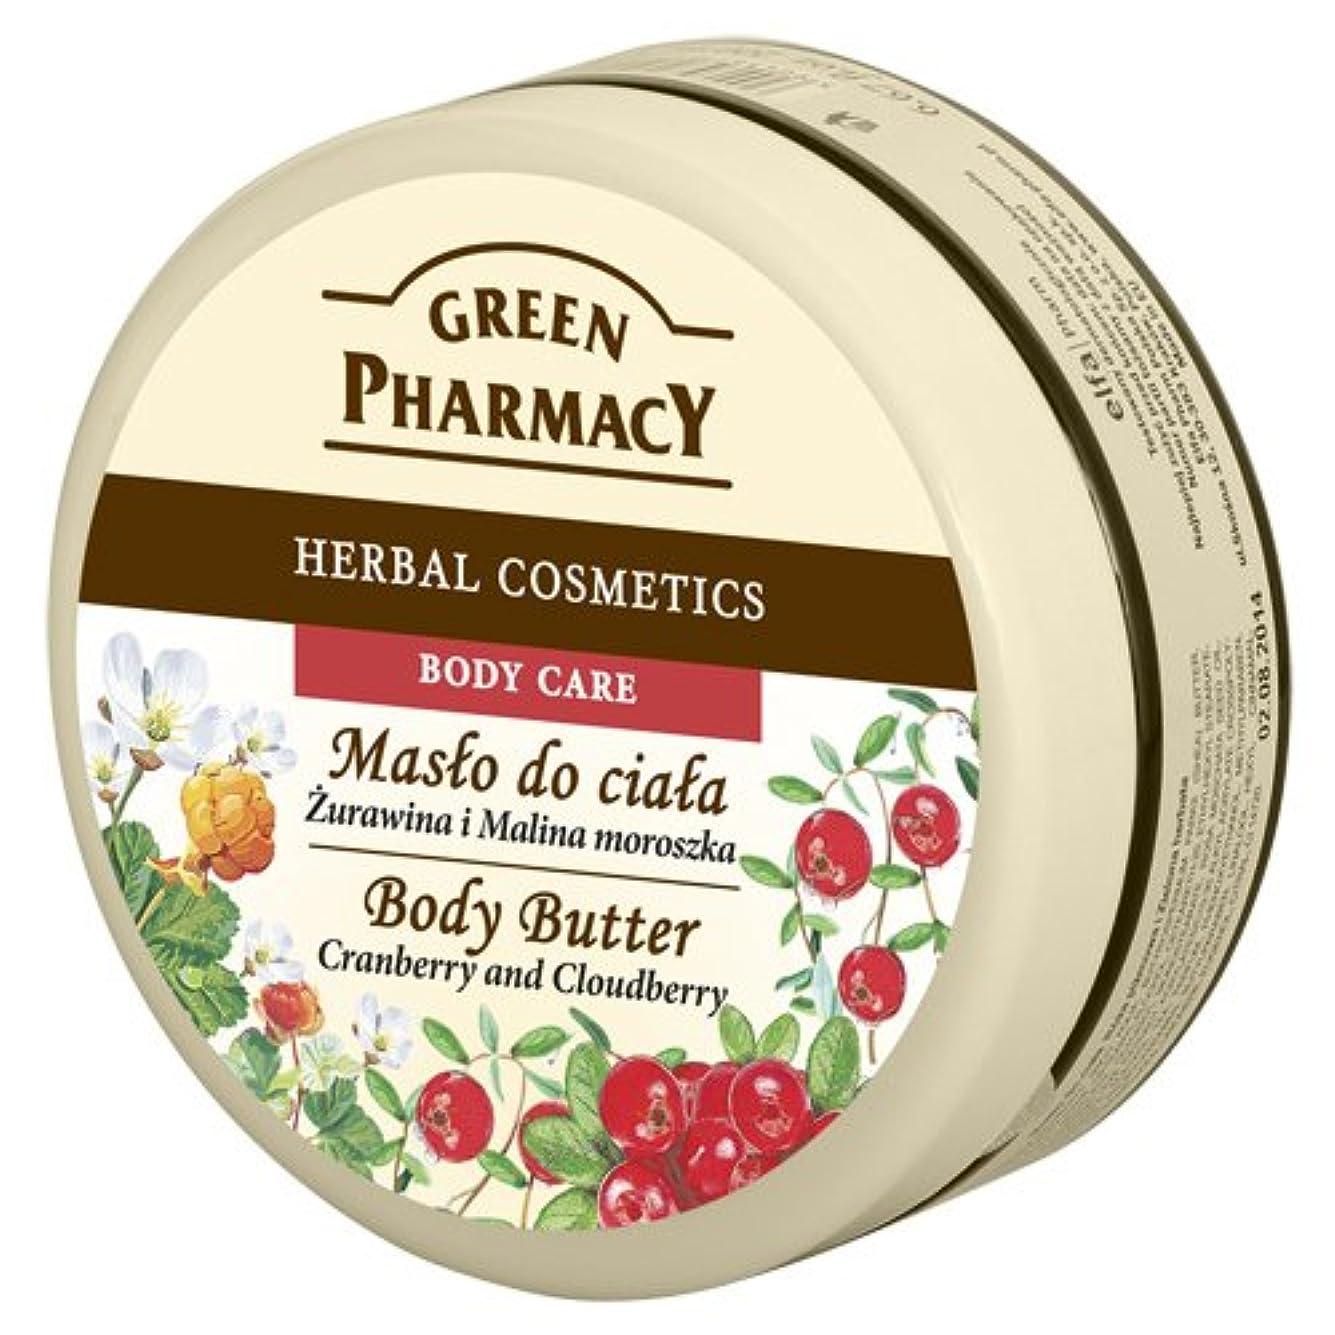 懐お客様スラム街Elfa Pharm Green Pharmacy グリーンファーマシー Body Butter ボディバター Cranberry and Cloudberry